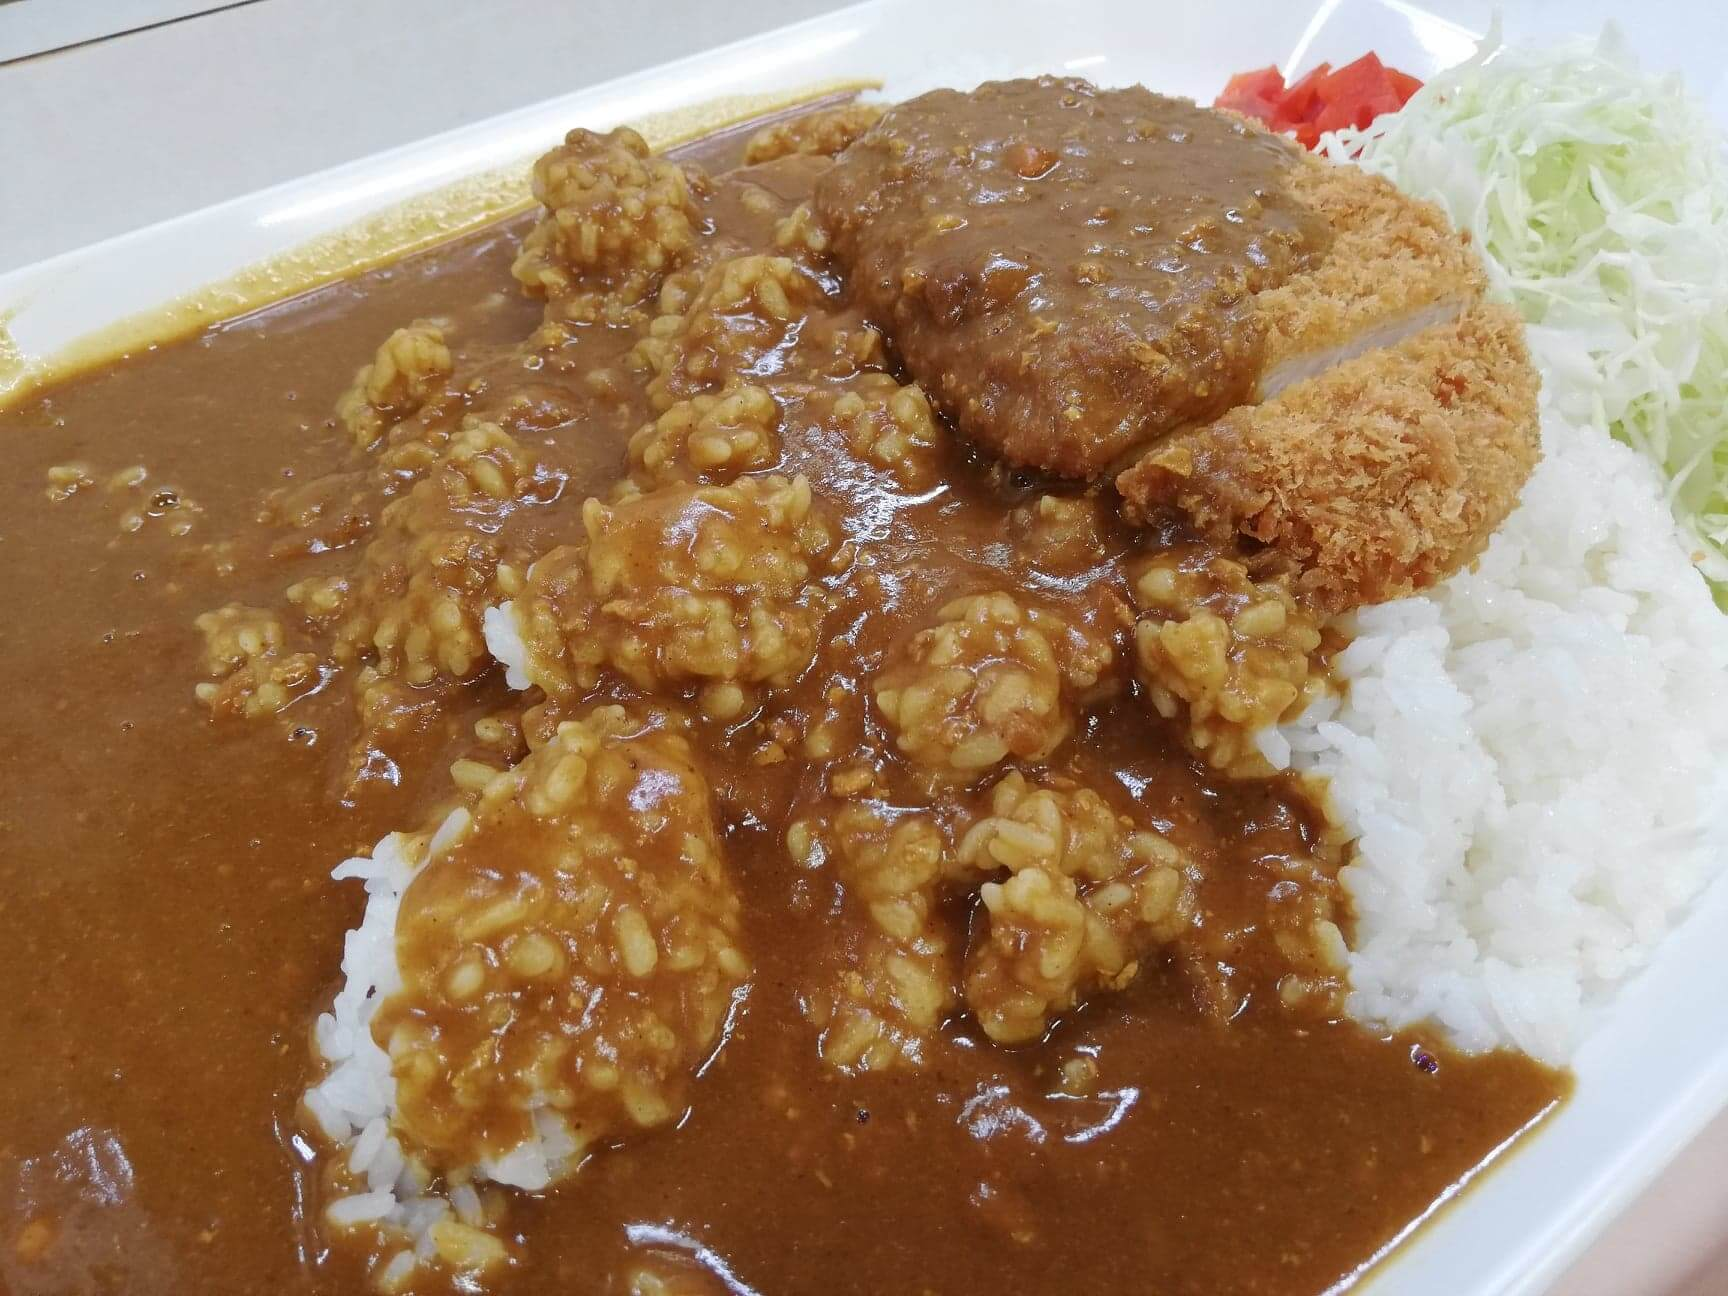 練馬区役所の職員レストランの『メガカツカレー』のアップ写真②